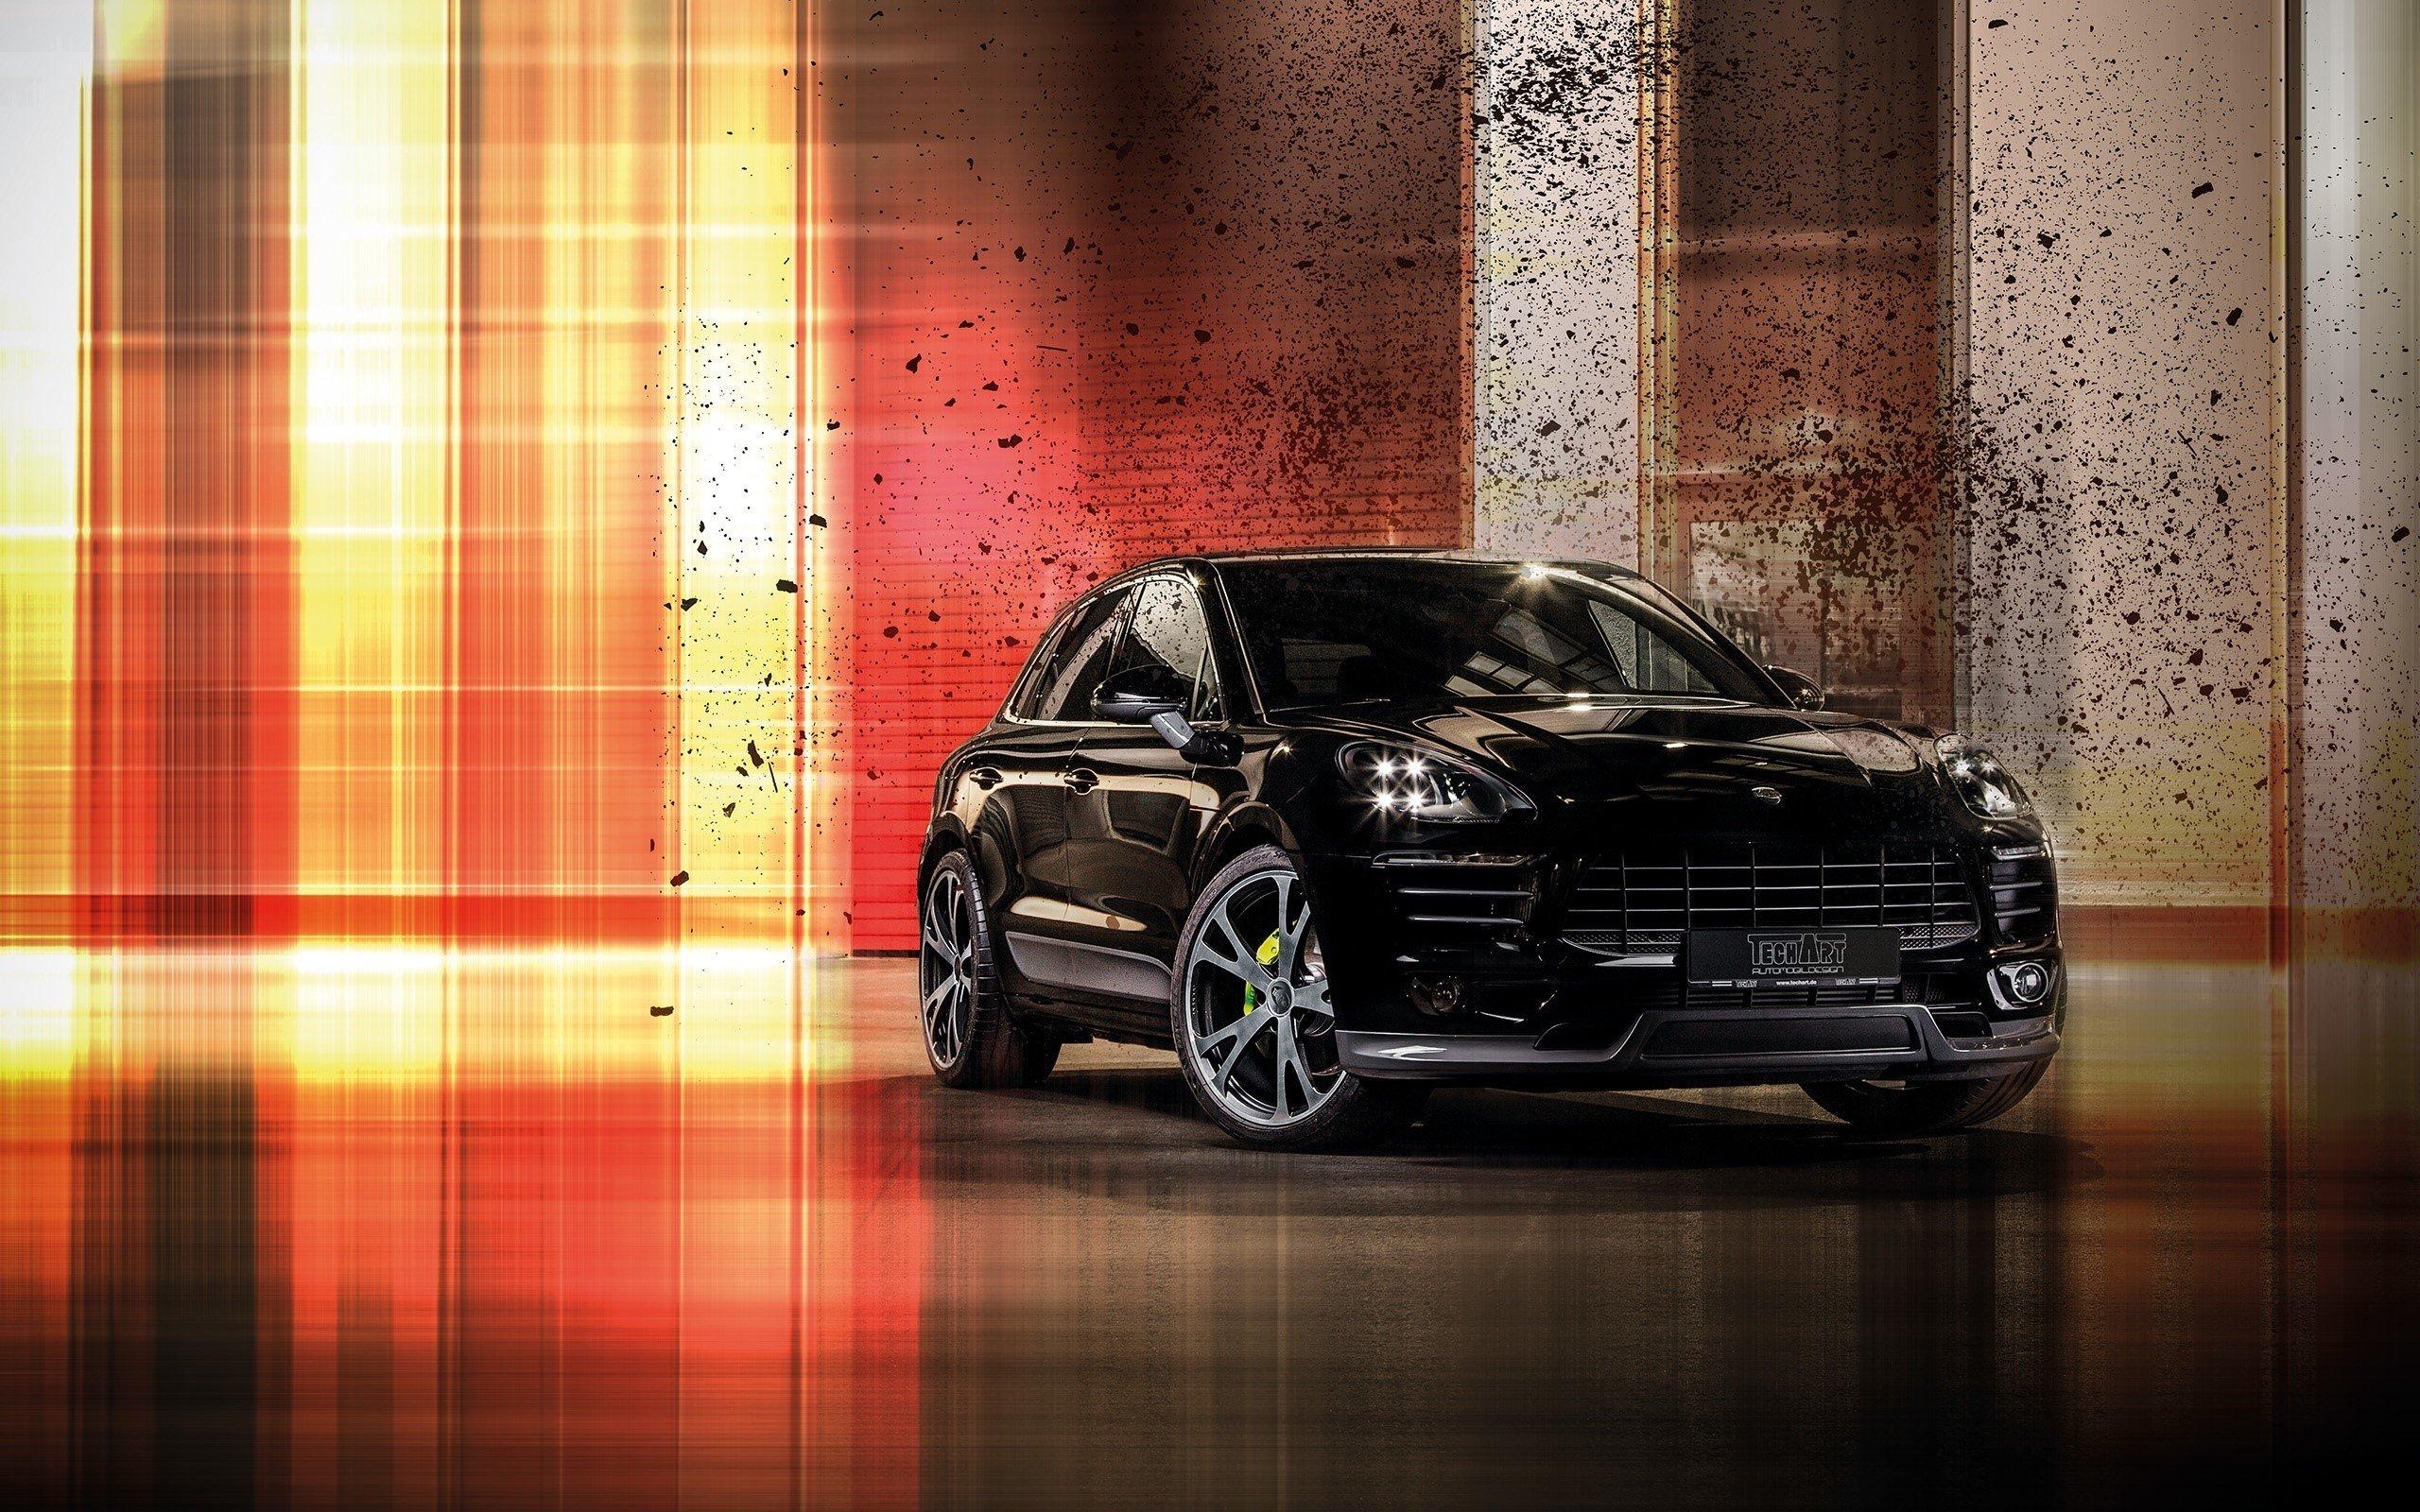 Wallpaper Porsche Macan black